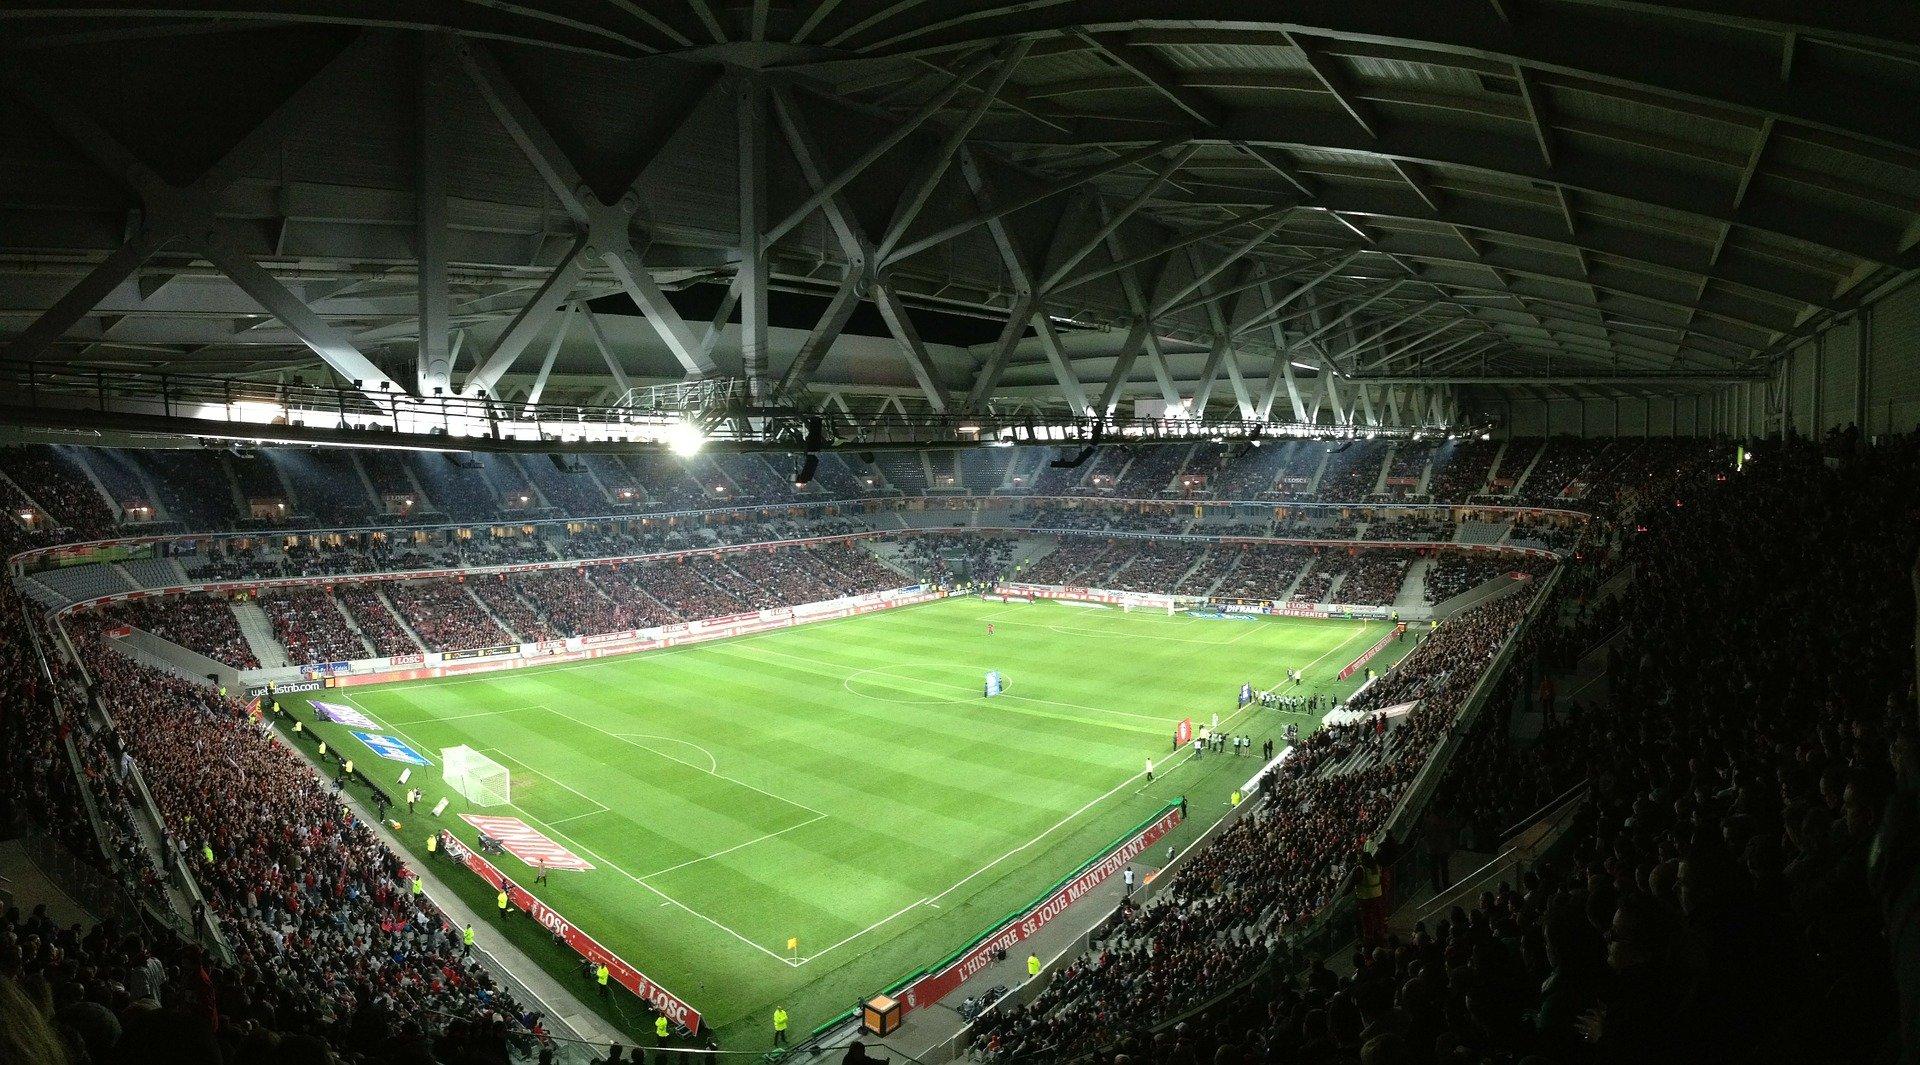 Estadio de futbol repleto de personas